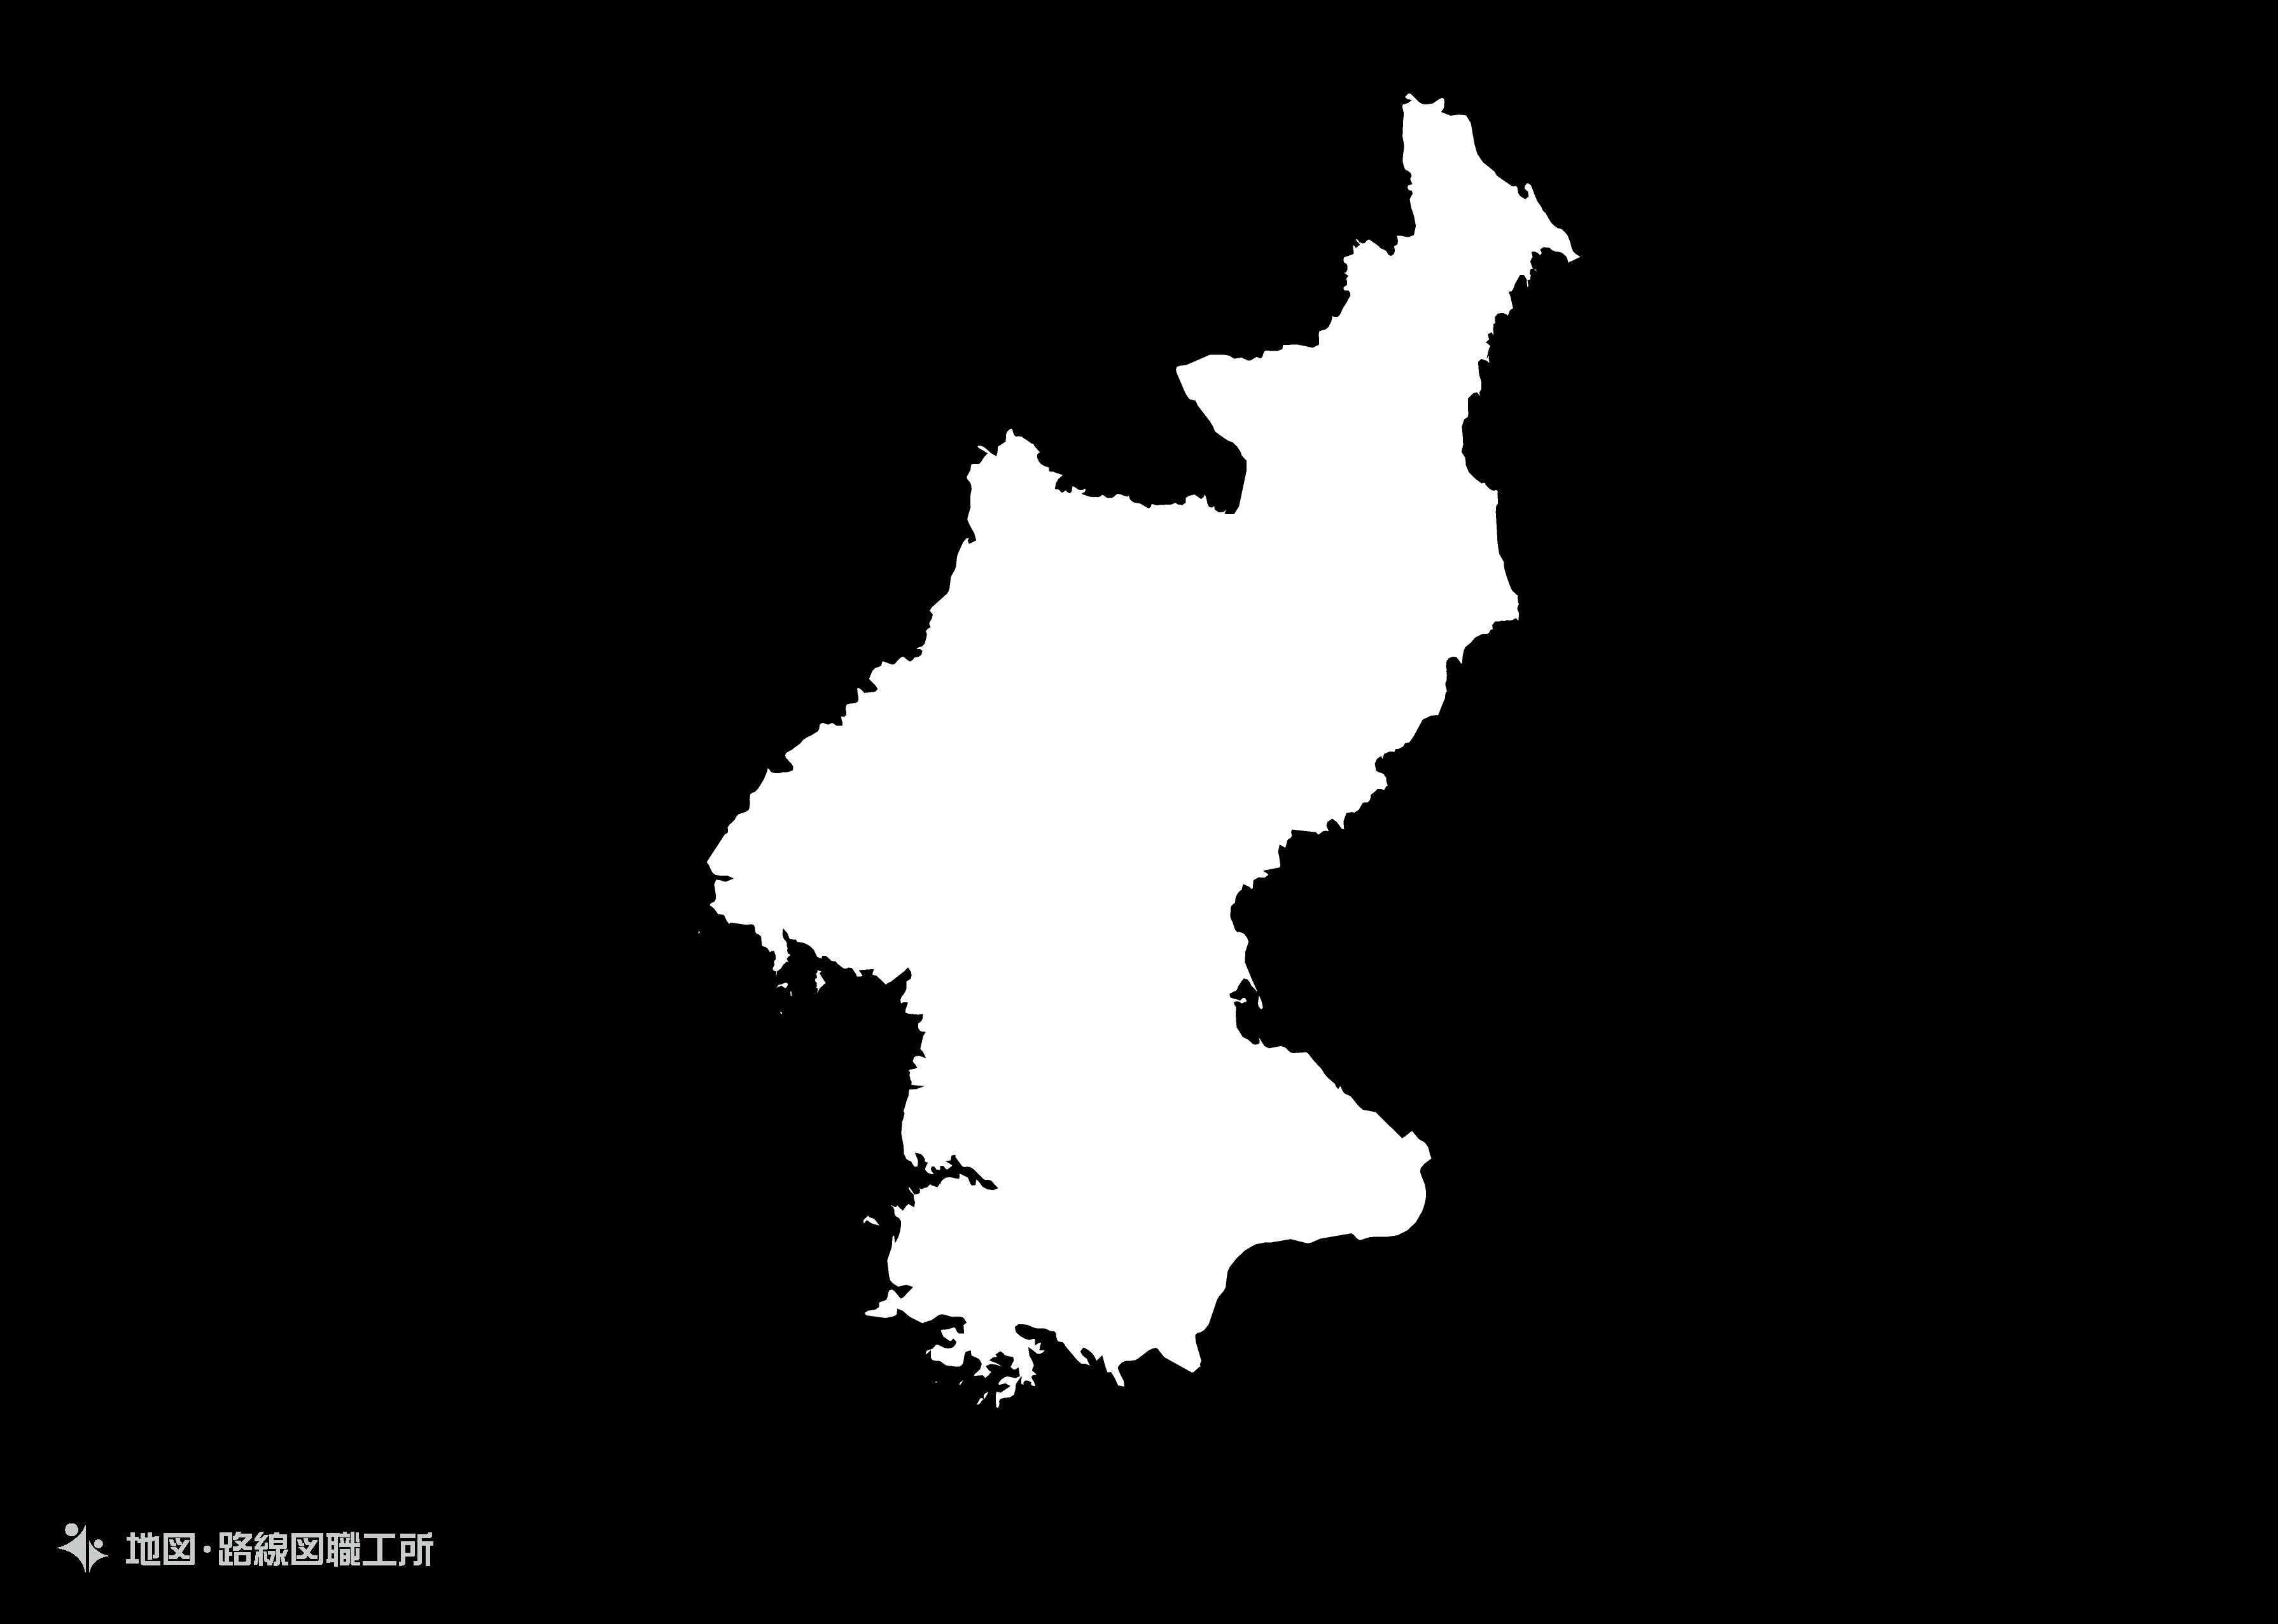 世界の白地図 朝鮮民主主義人民共和国 democratic-peoples-republic-of-korea map